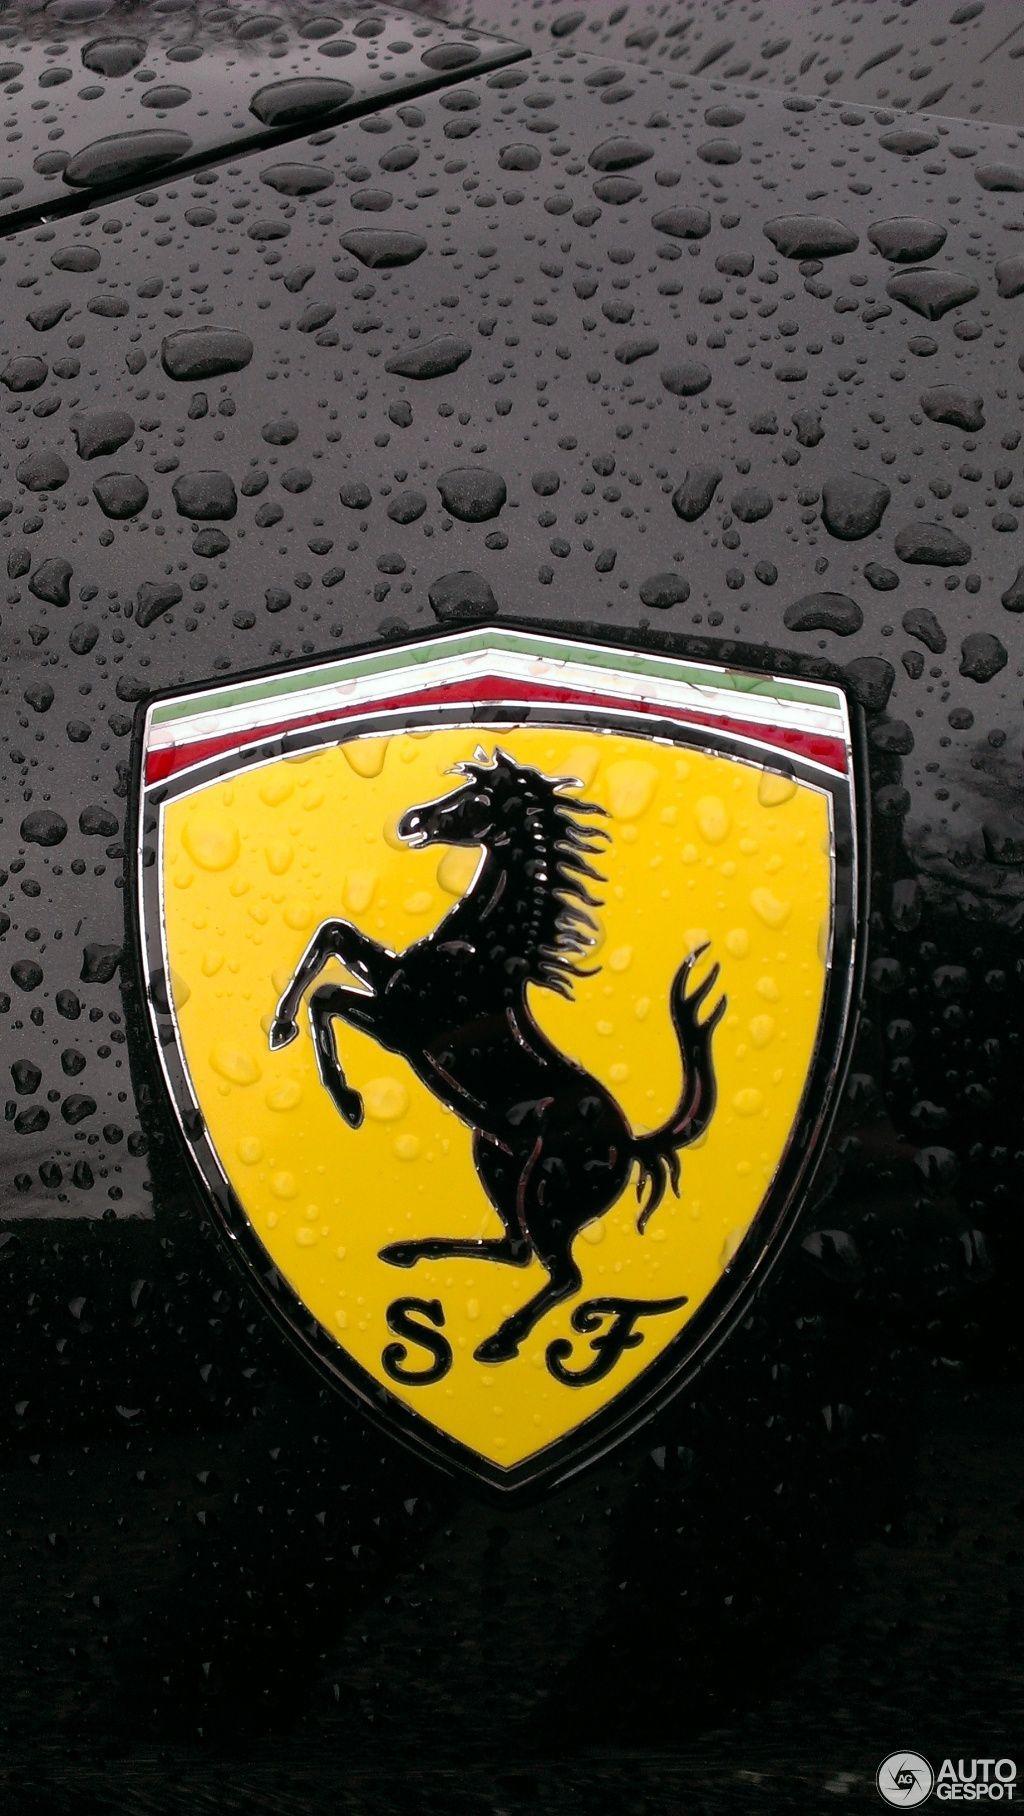 Ferrari F12berlinetta 3 Ferrarif80 Ferrari F12berlinetta 3